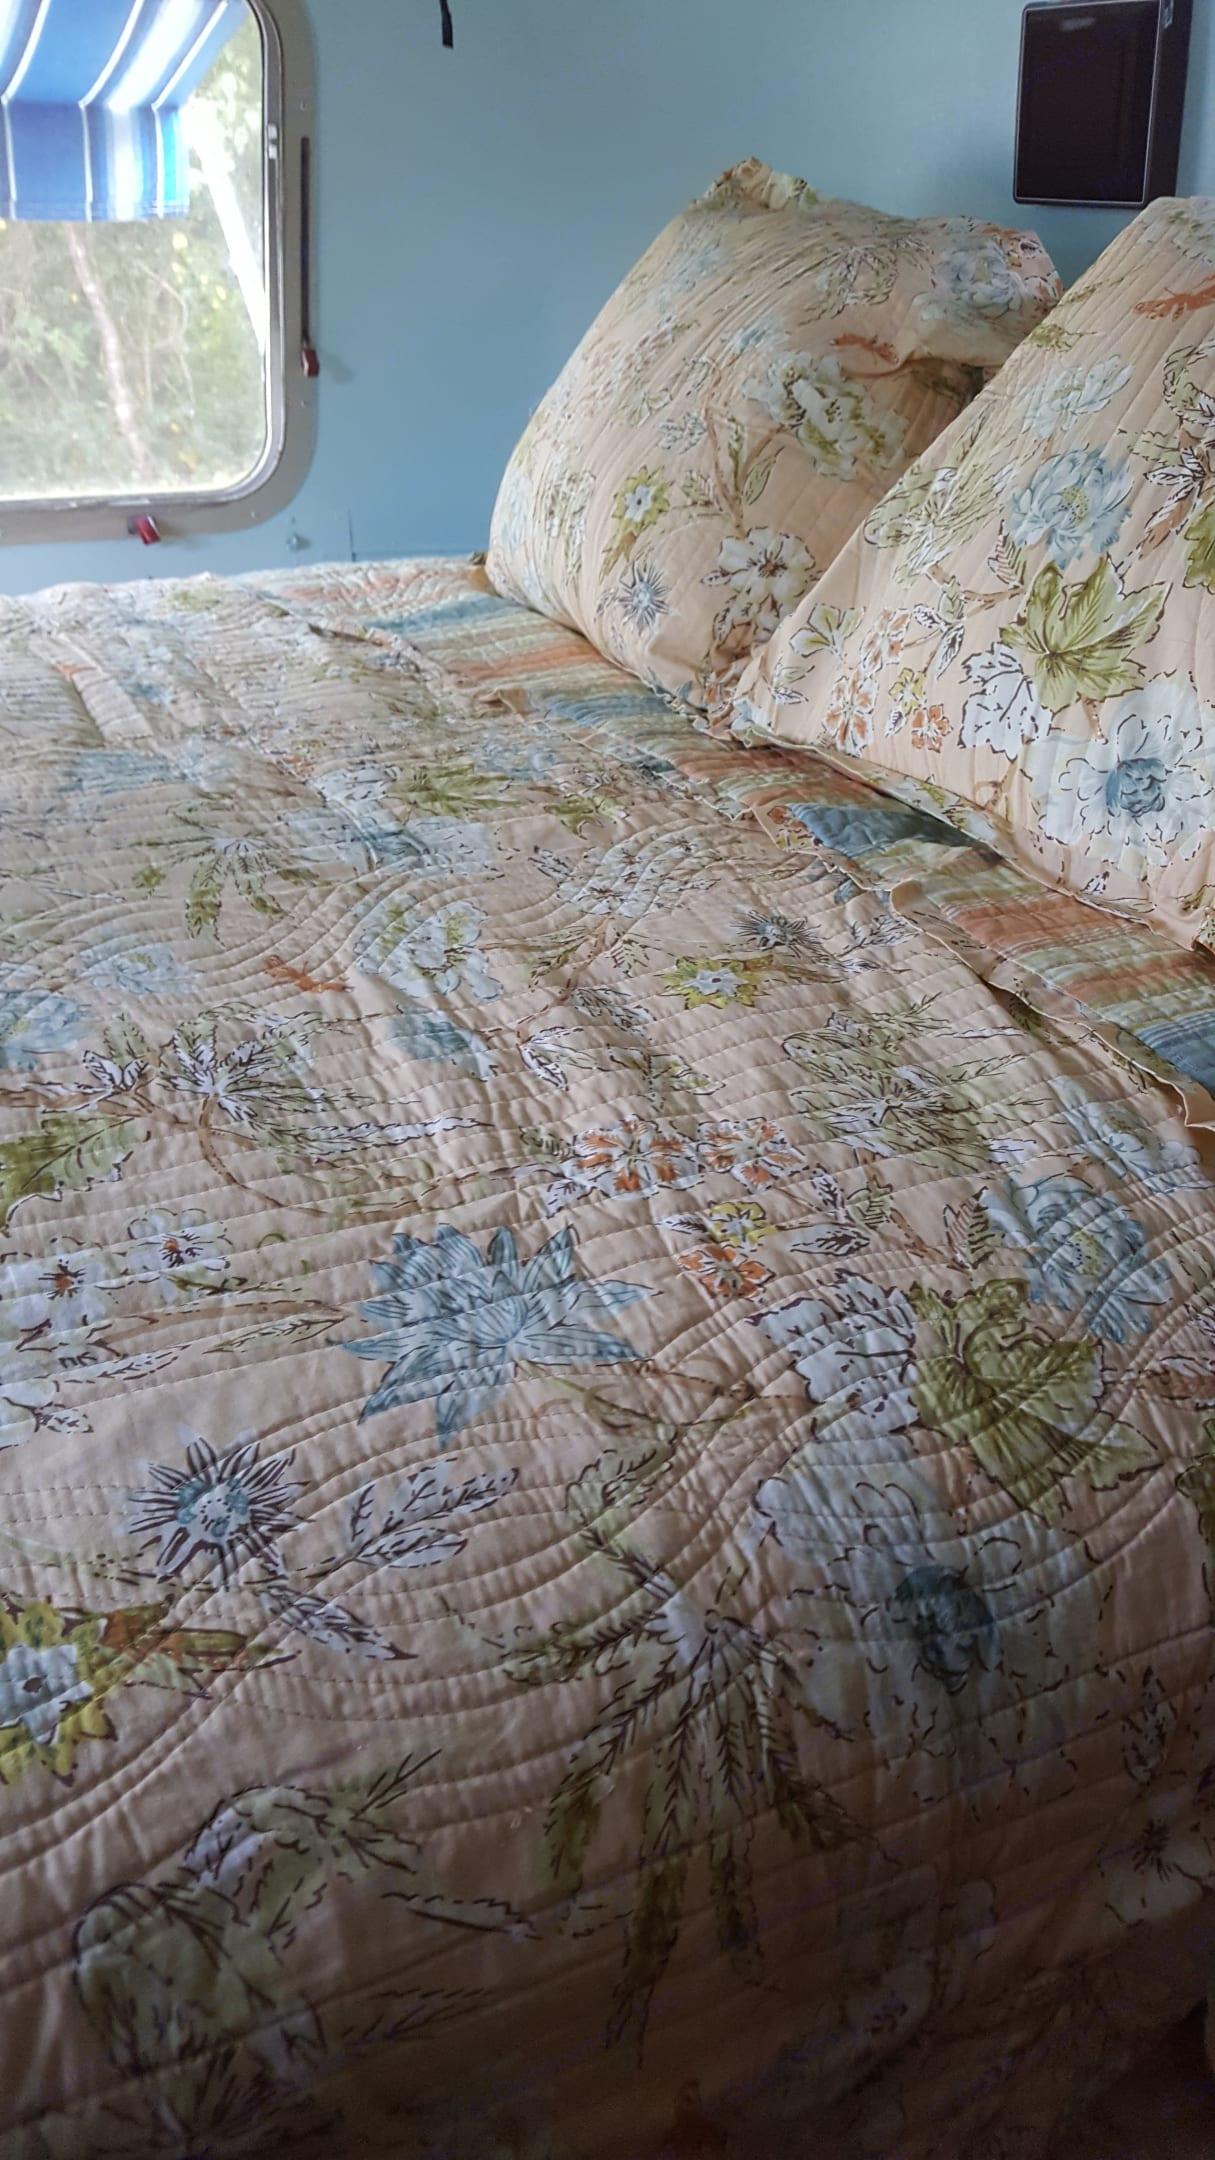 Comfort queen memory foam mattress In  bedroom . Airstream Excella 1987